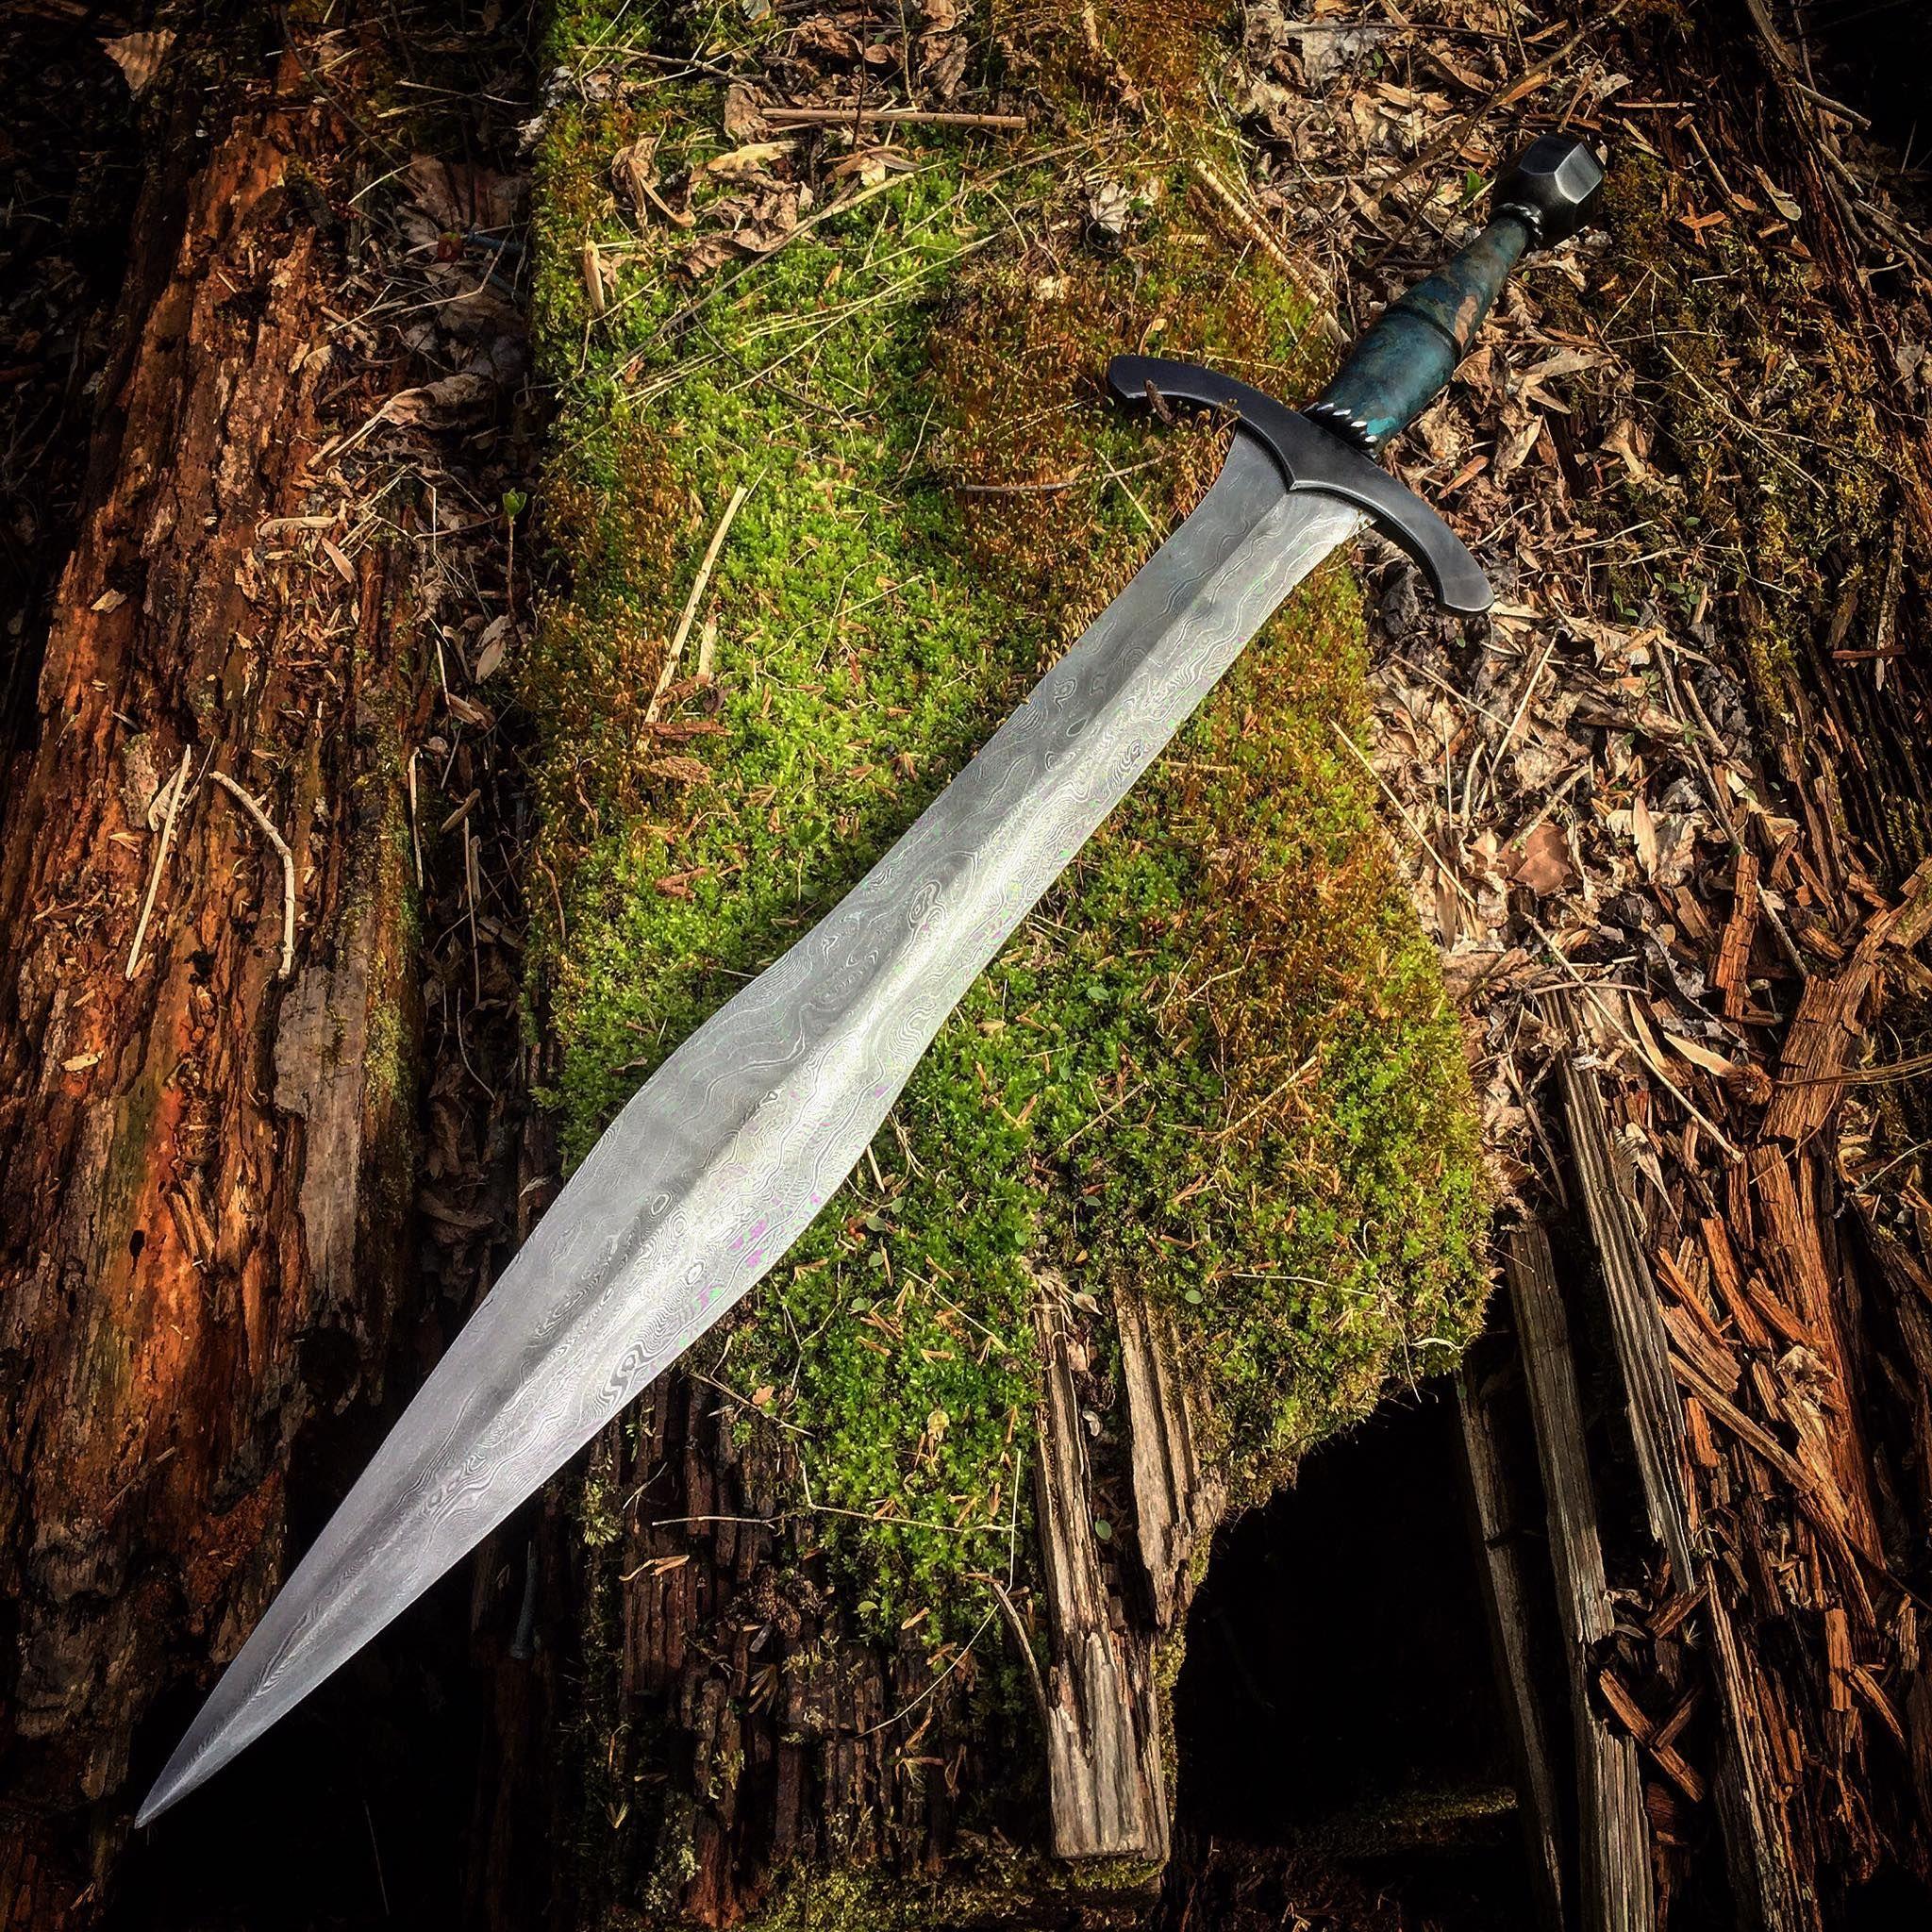 этого, лучшие образцы мечей фото ресниц